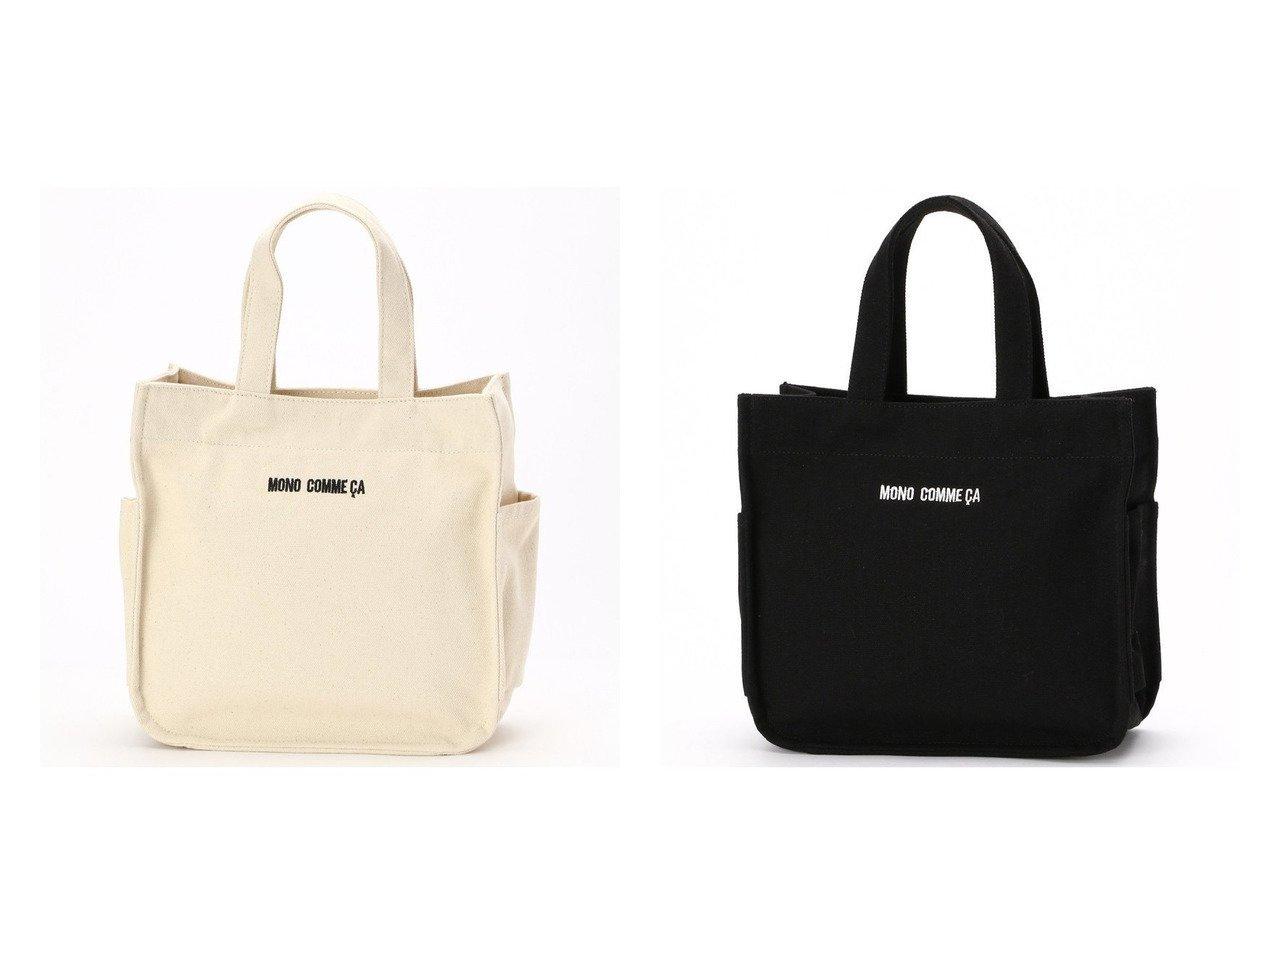 【MONO COMME CA/モノコムサ】の【カラバリ豊富!】キャンバス ミニ ハンドバック バッグ・鞄のおすすめ!人気、トレンド・レディースファッションの通販 おすすめで人気の流行・トレンド、ファッションの通販商品 メンズファッション・キッズファッション・インテリア・家具・レディースファッション・服の通販 founy(ファニー) https://founy.com/ ファッション Fashion レディースファッション WOMEN バッグ Bag キャンバス コンパクト シンプル ハンドバック ハンドバッグ フォルム ポケット |ID:crp329100000022632